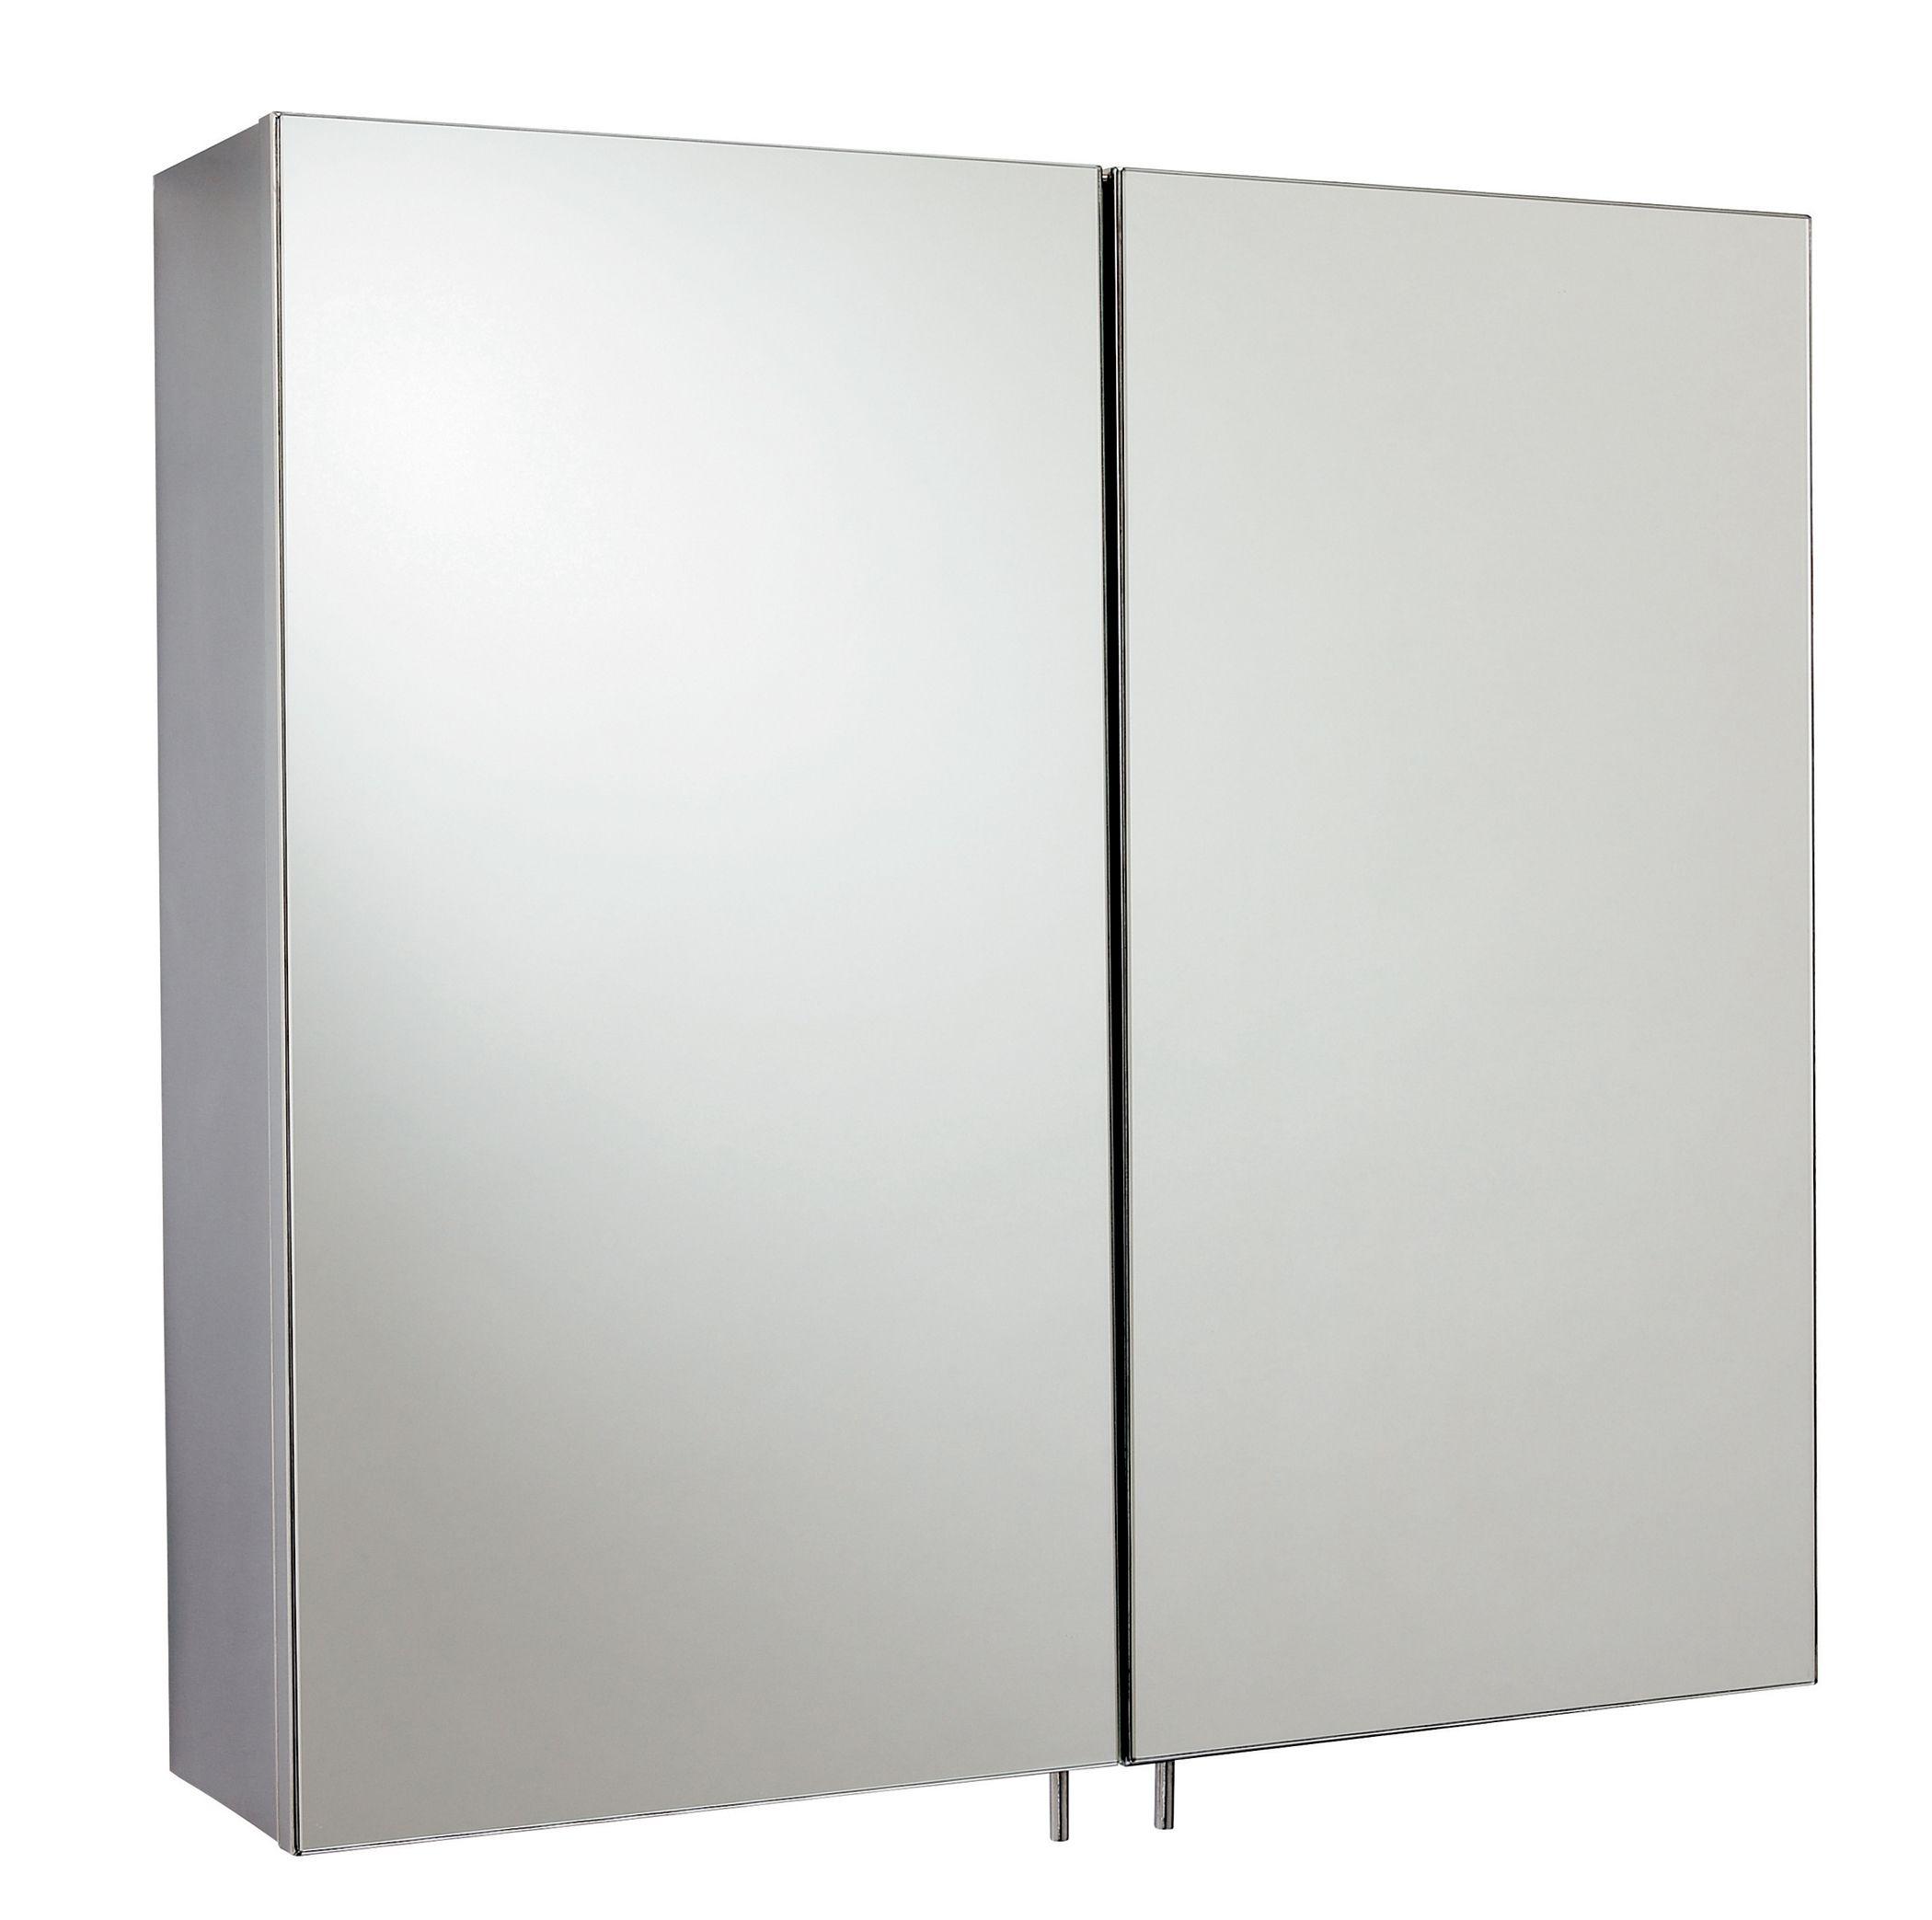 Diy Mirror Cabinet Door: Fonteno Double Door Silver Mirror Cabinet